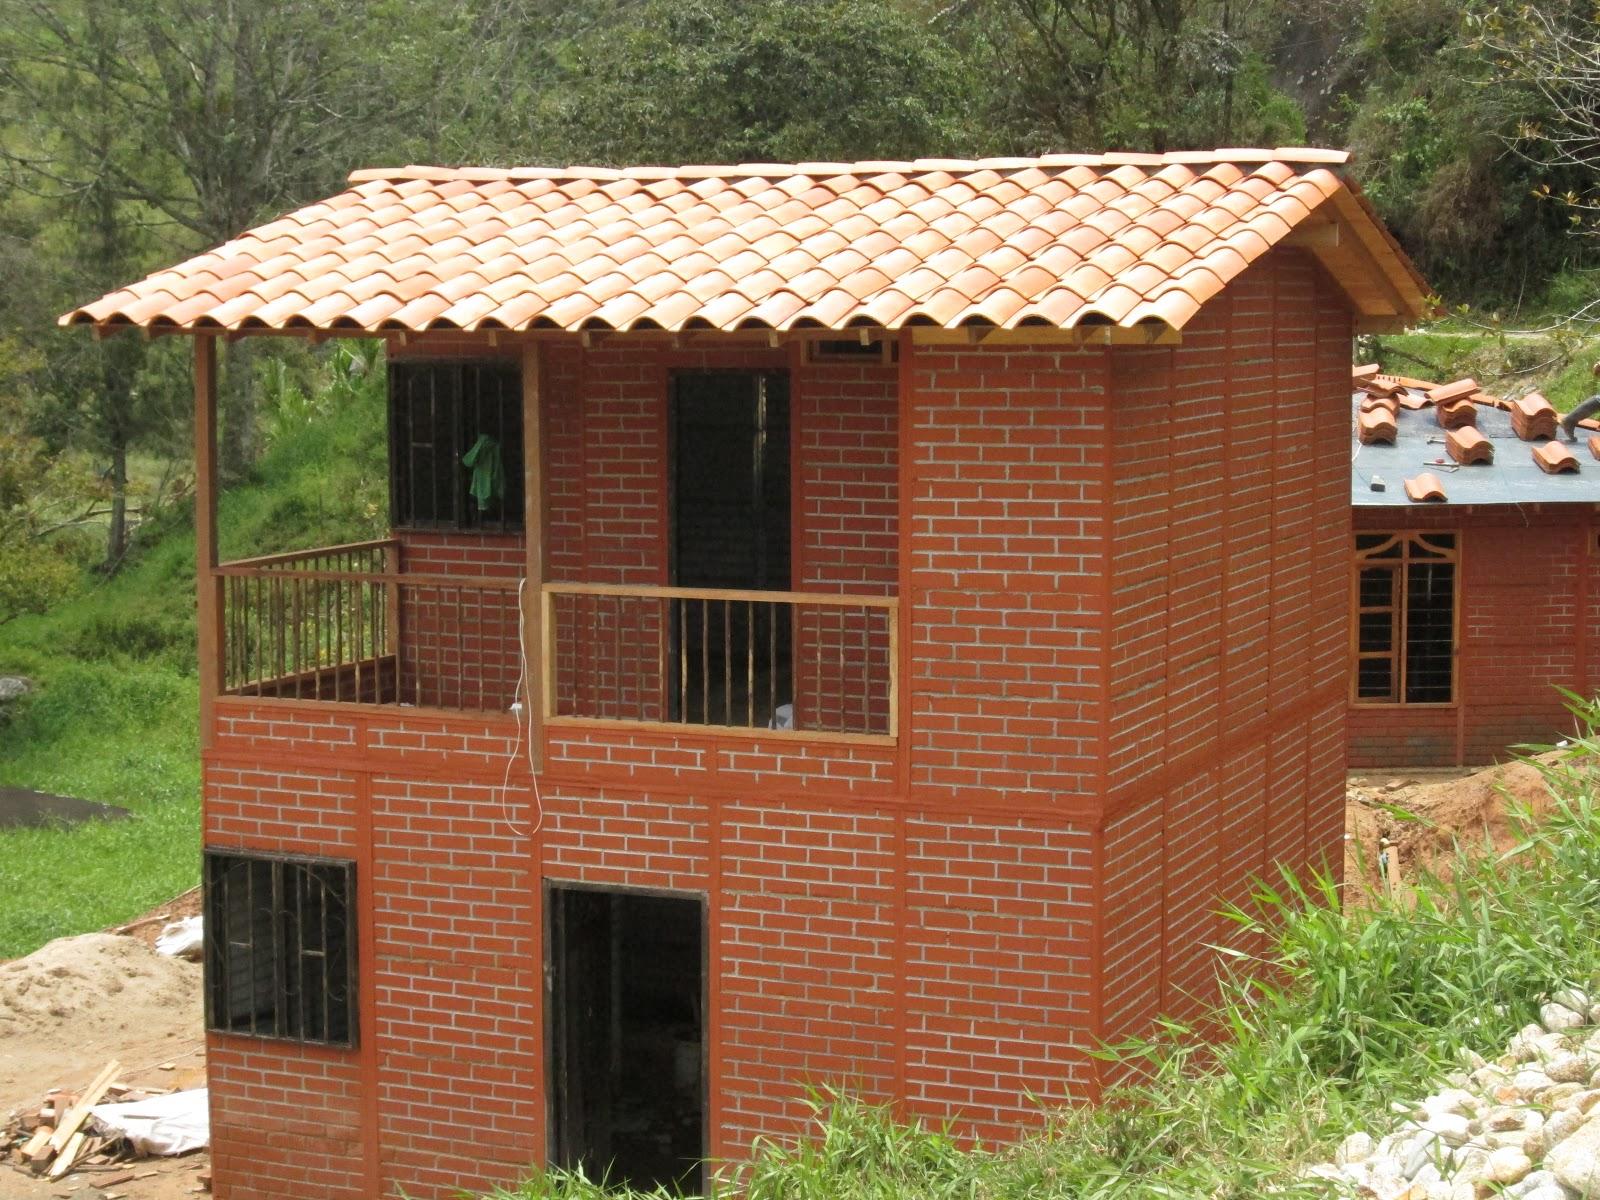 Image of casas prefabricadas por dentro por qu - Precio de una casa prefabricada ...